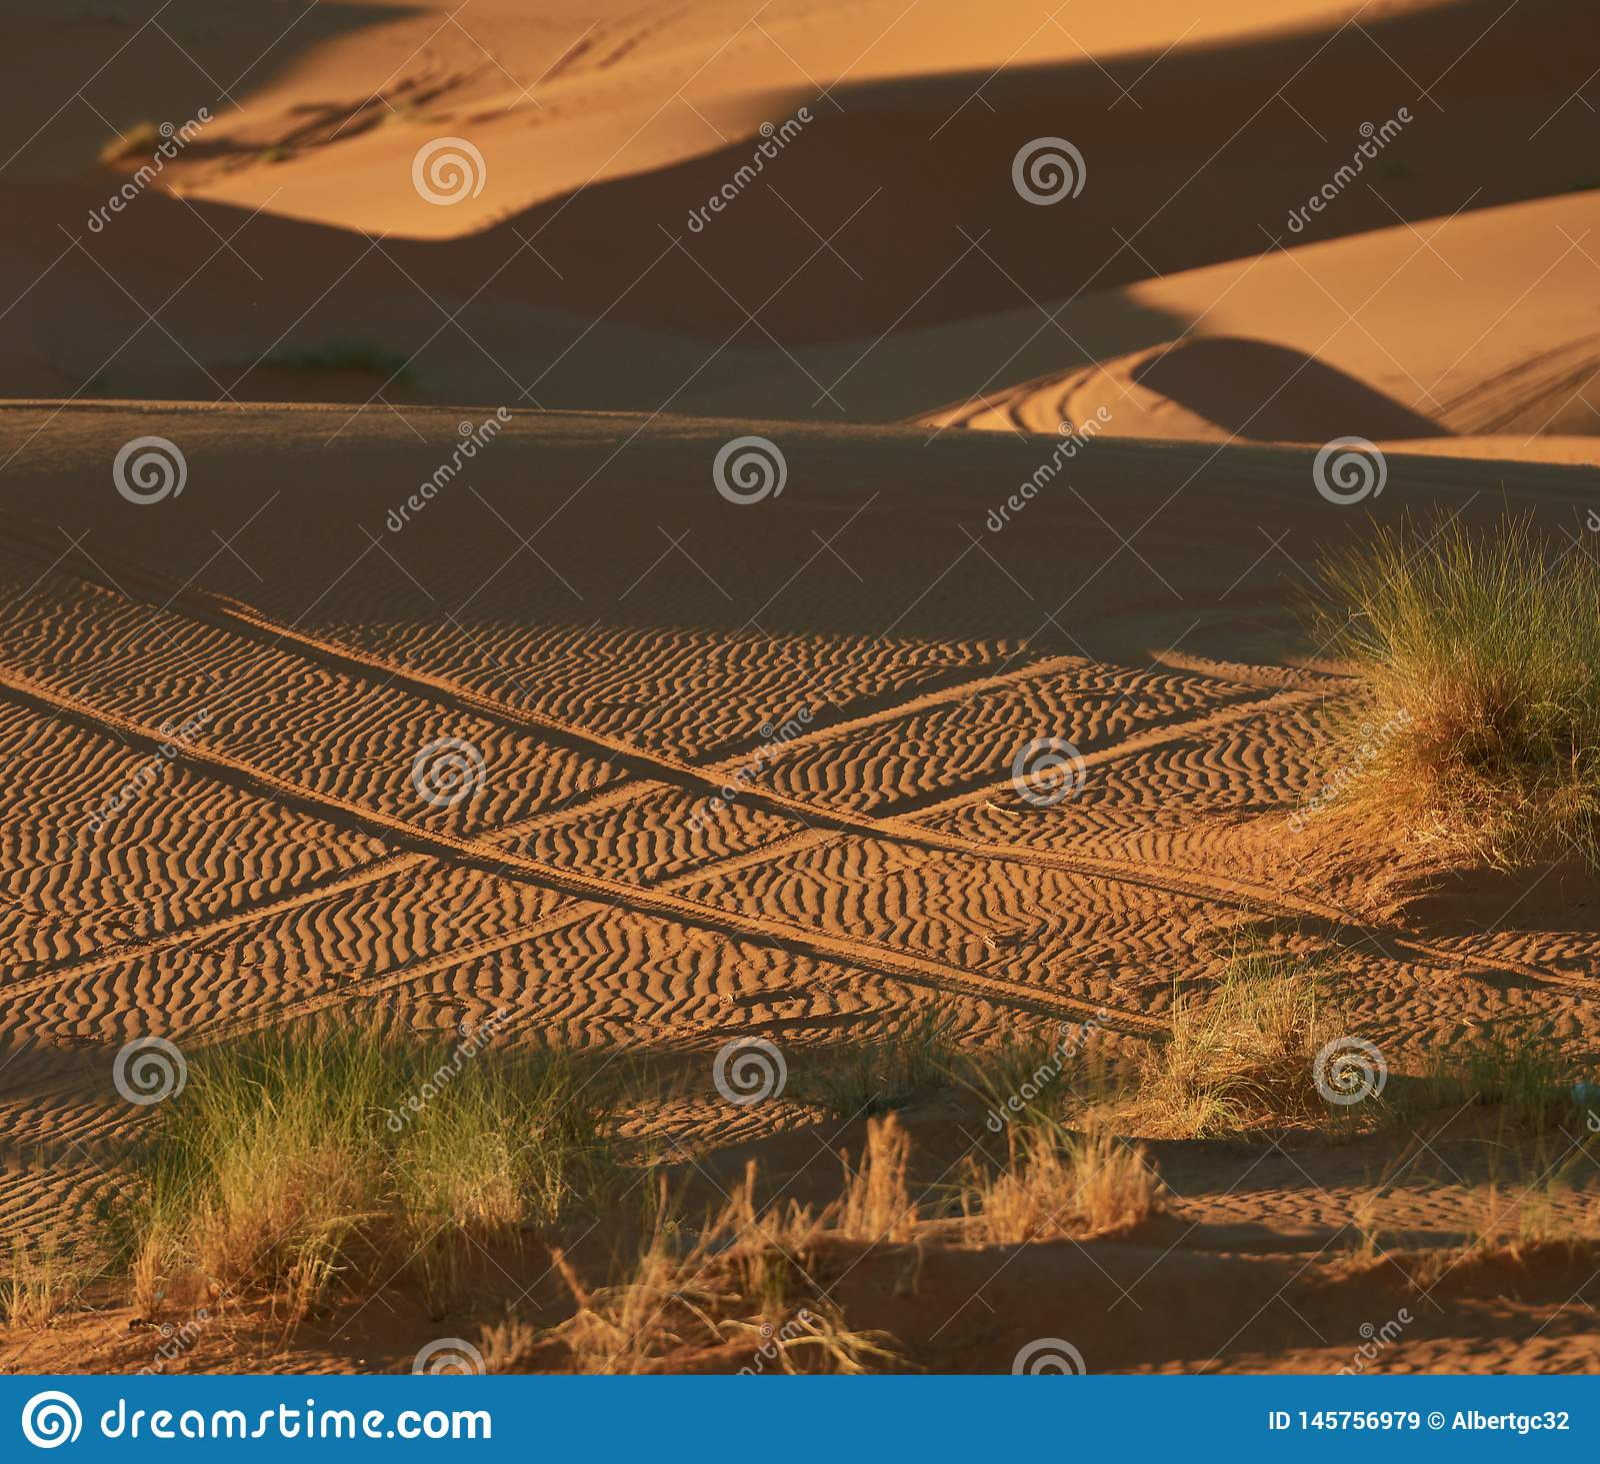 Hashtag na areia feita com rodas de carro